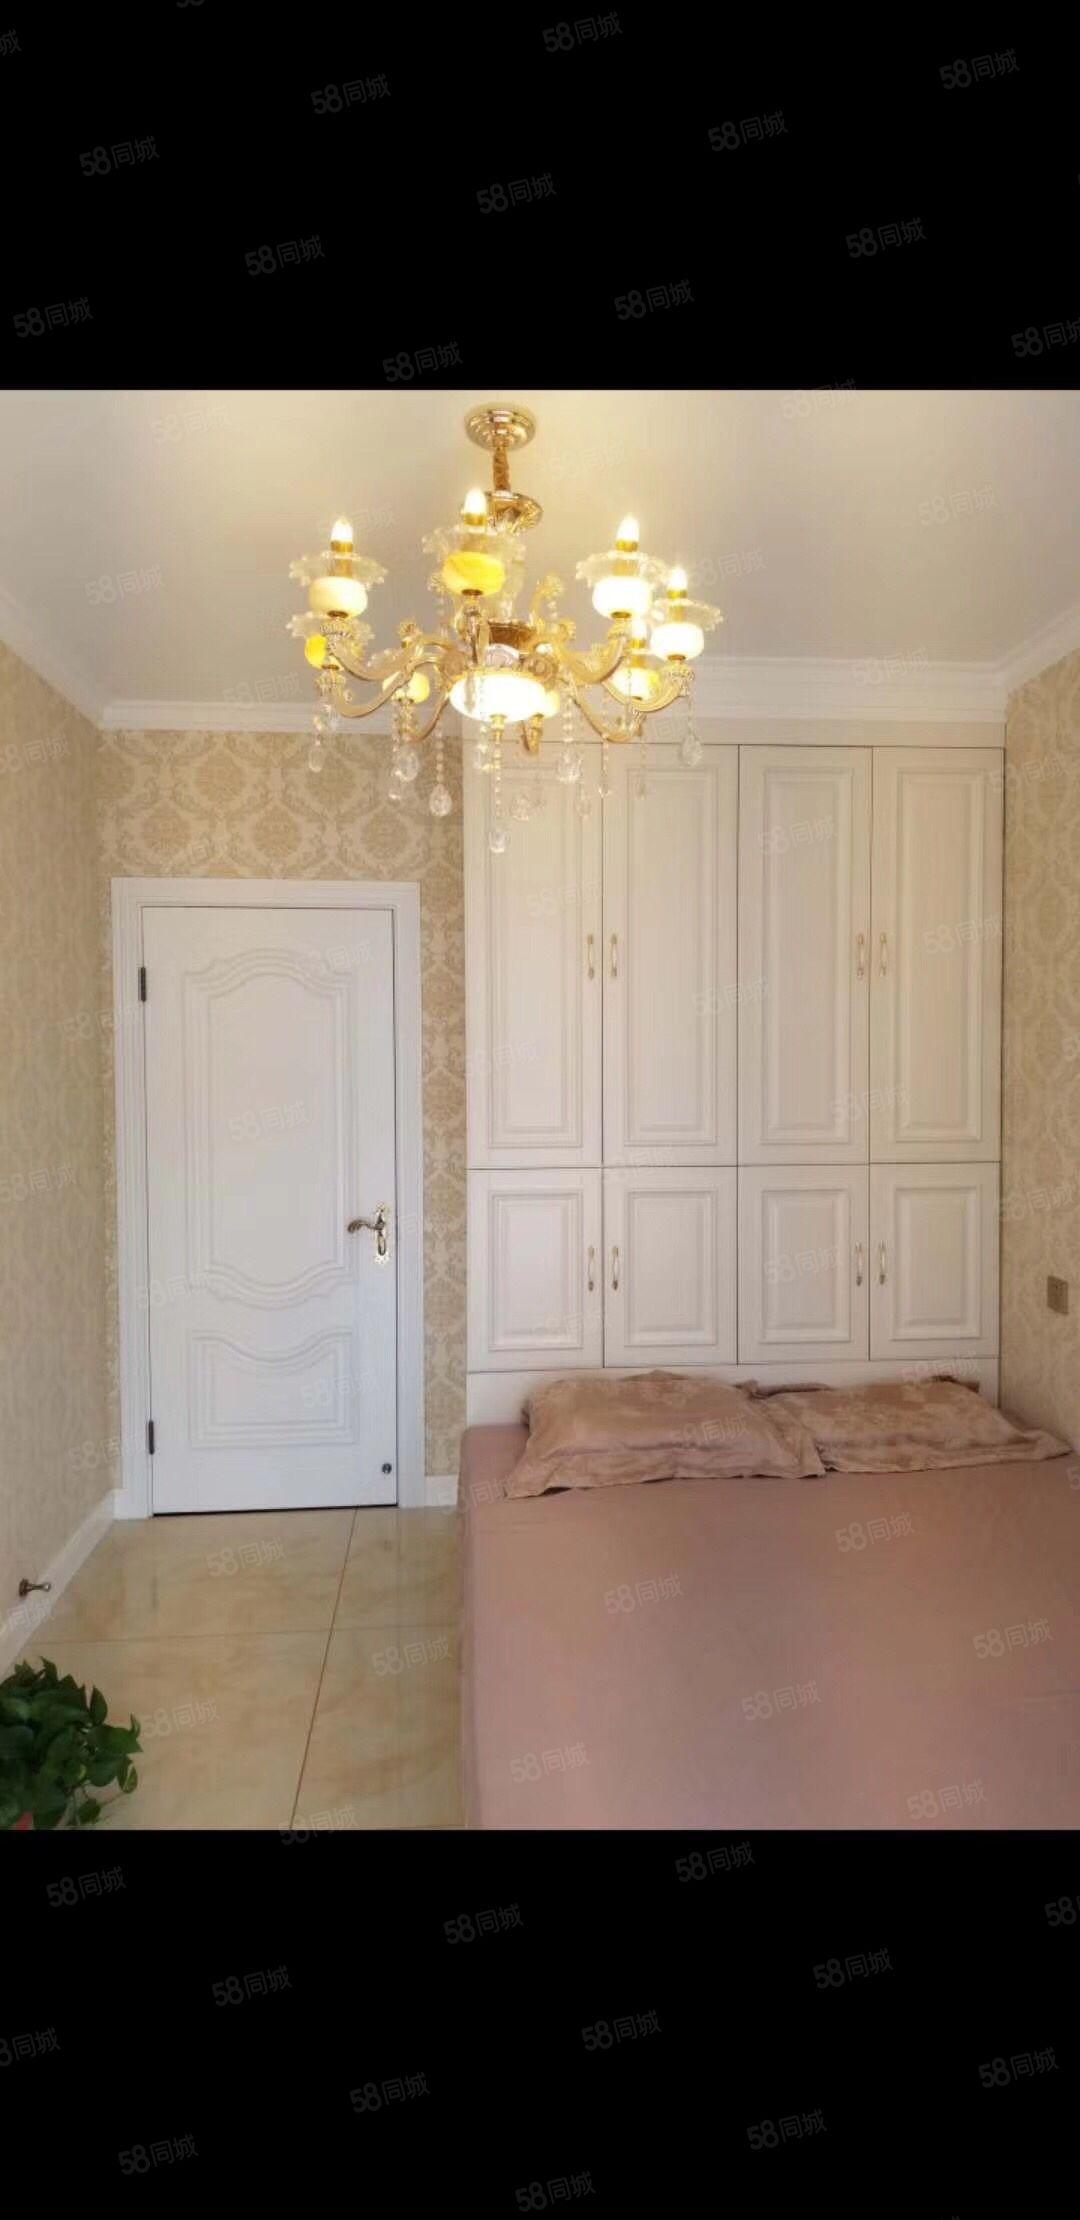 朝陽北區五樓精裝婚房帶家具家電142平